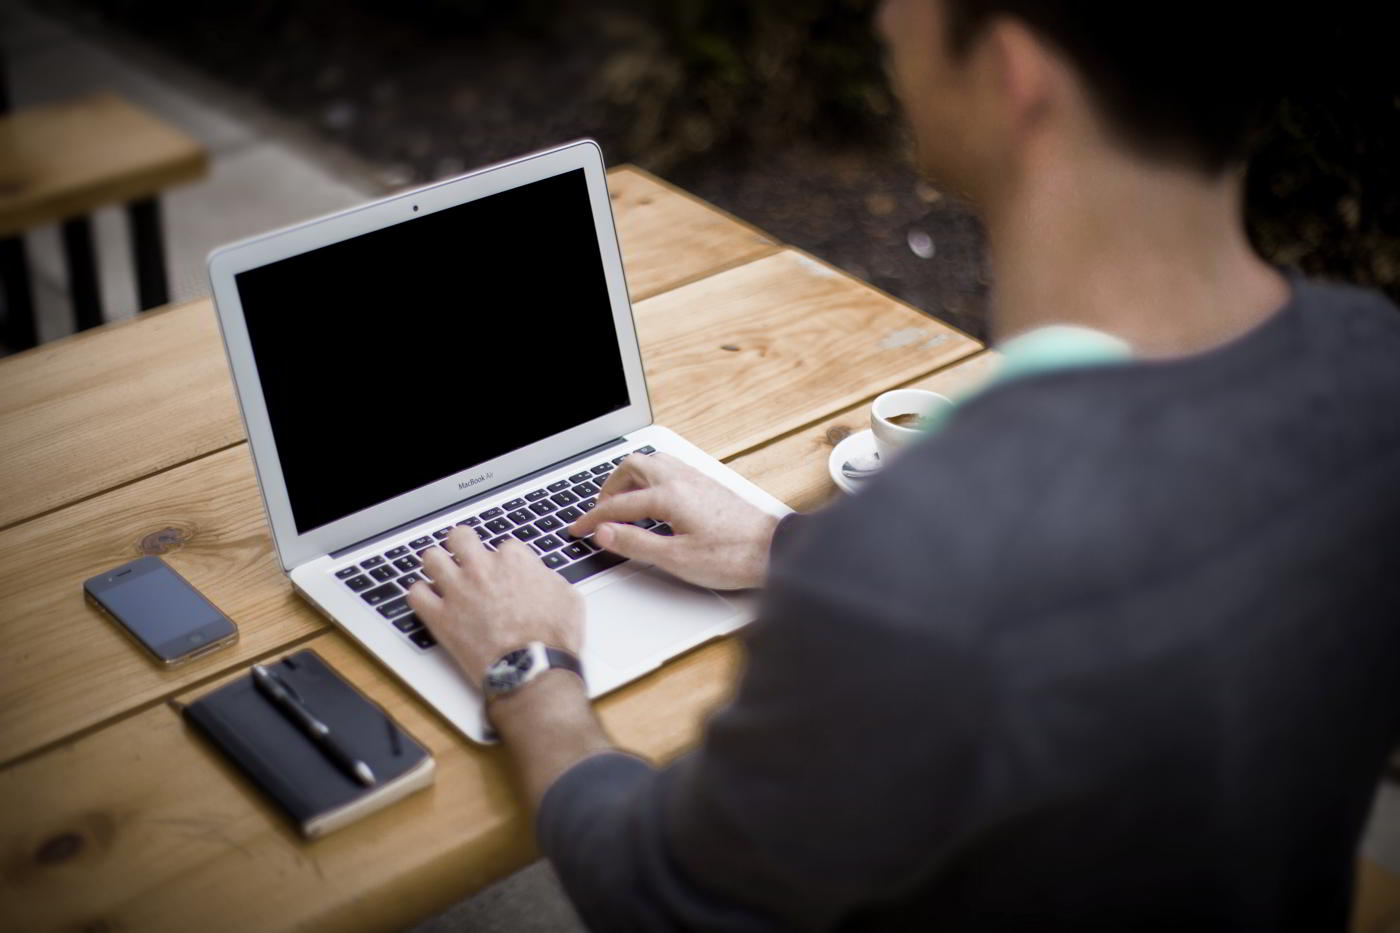 Die schriftliche Bewerbung - was wollen Personaler lesen